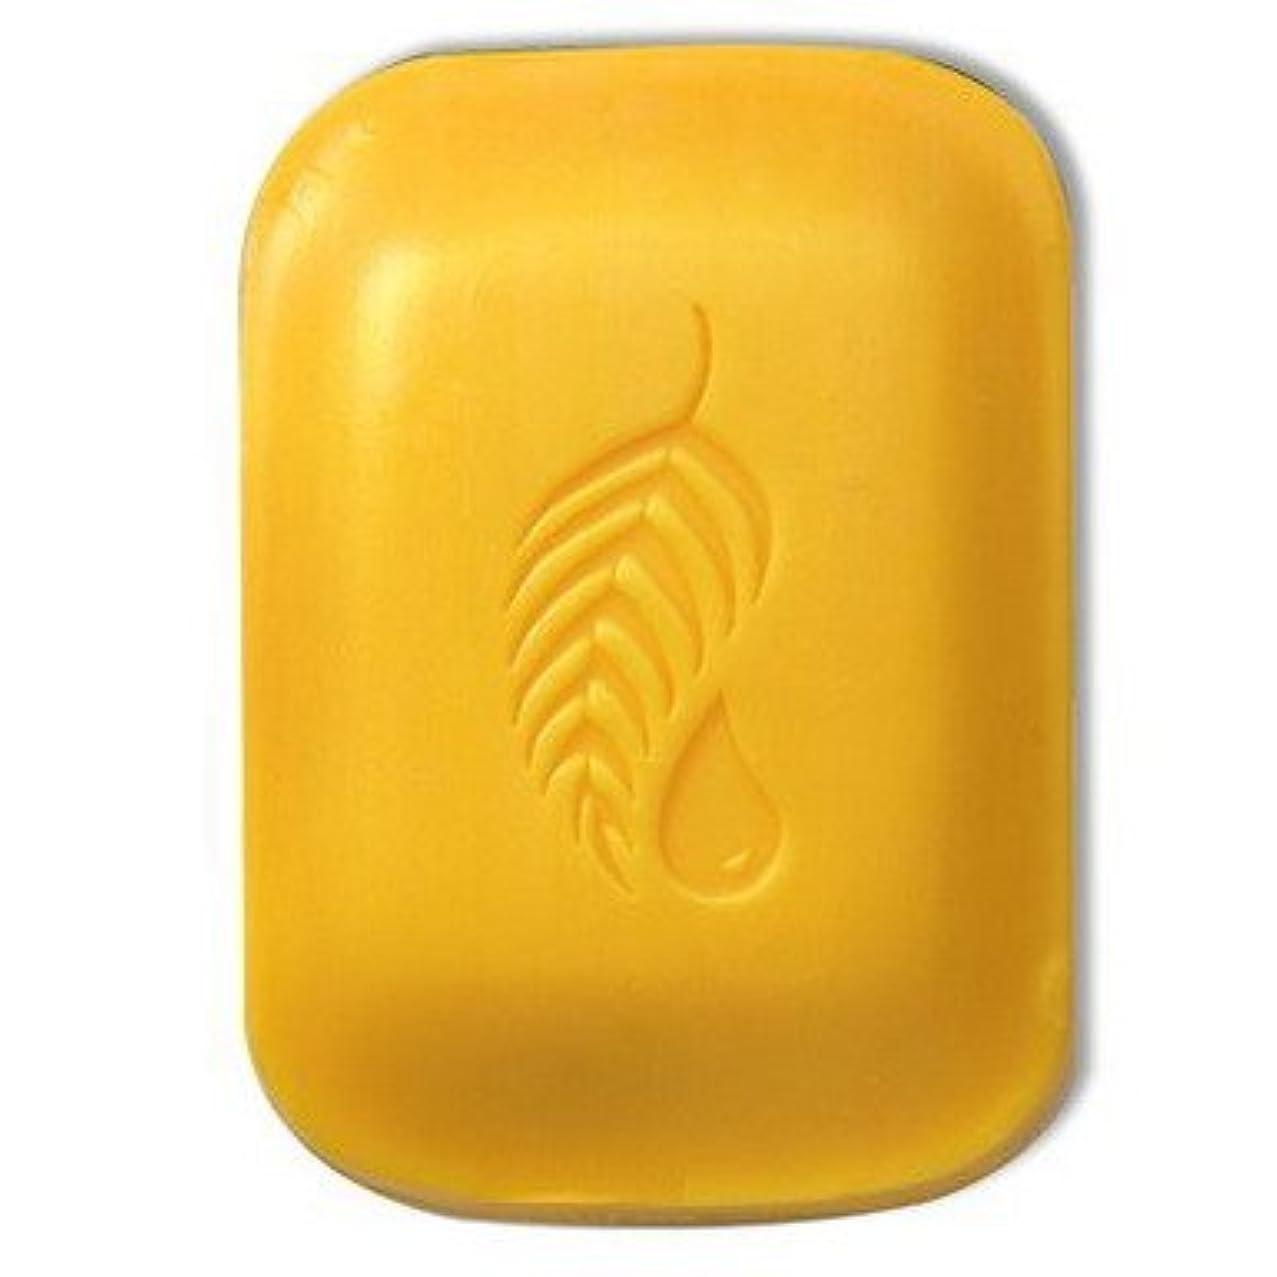 弾性思想描く【Melaleuca(メラルーカ)】ゴールド バー トライアルサイズ42.5g [並行輸入品]